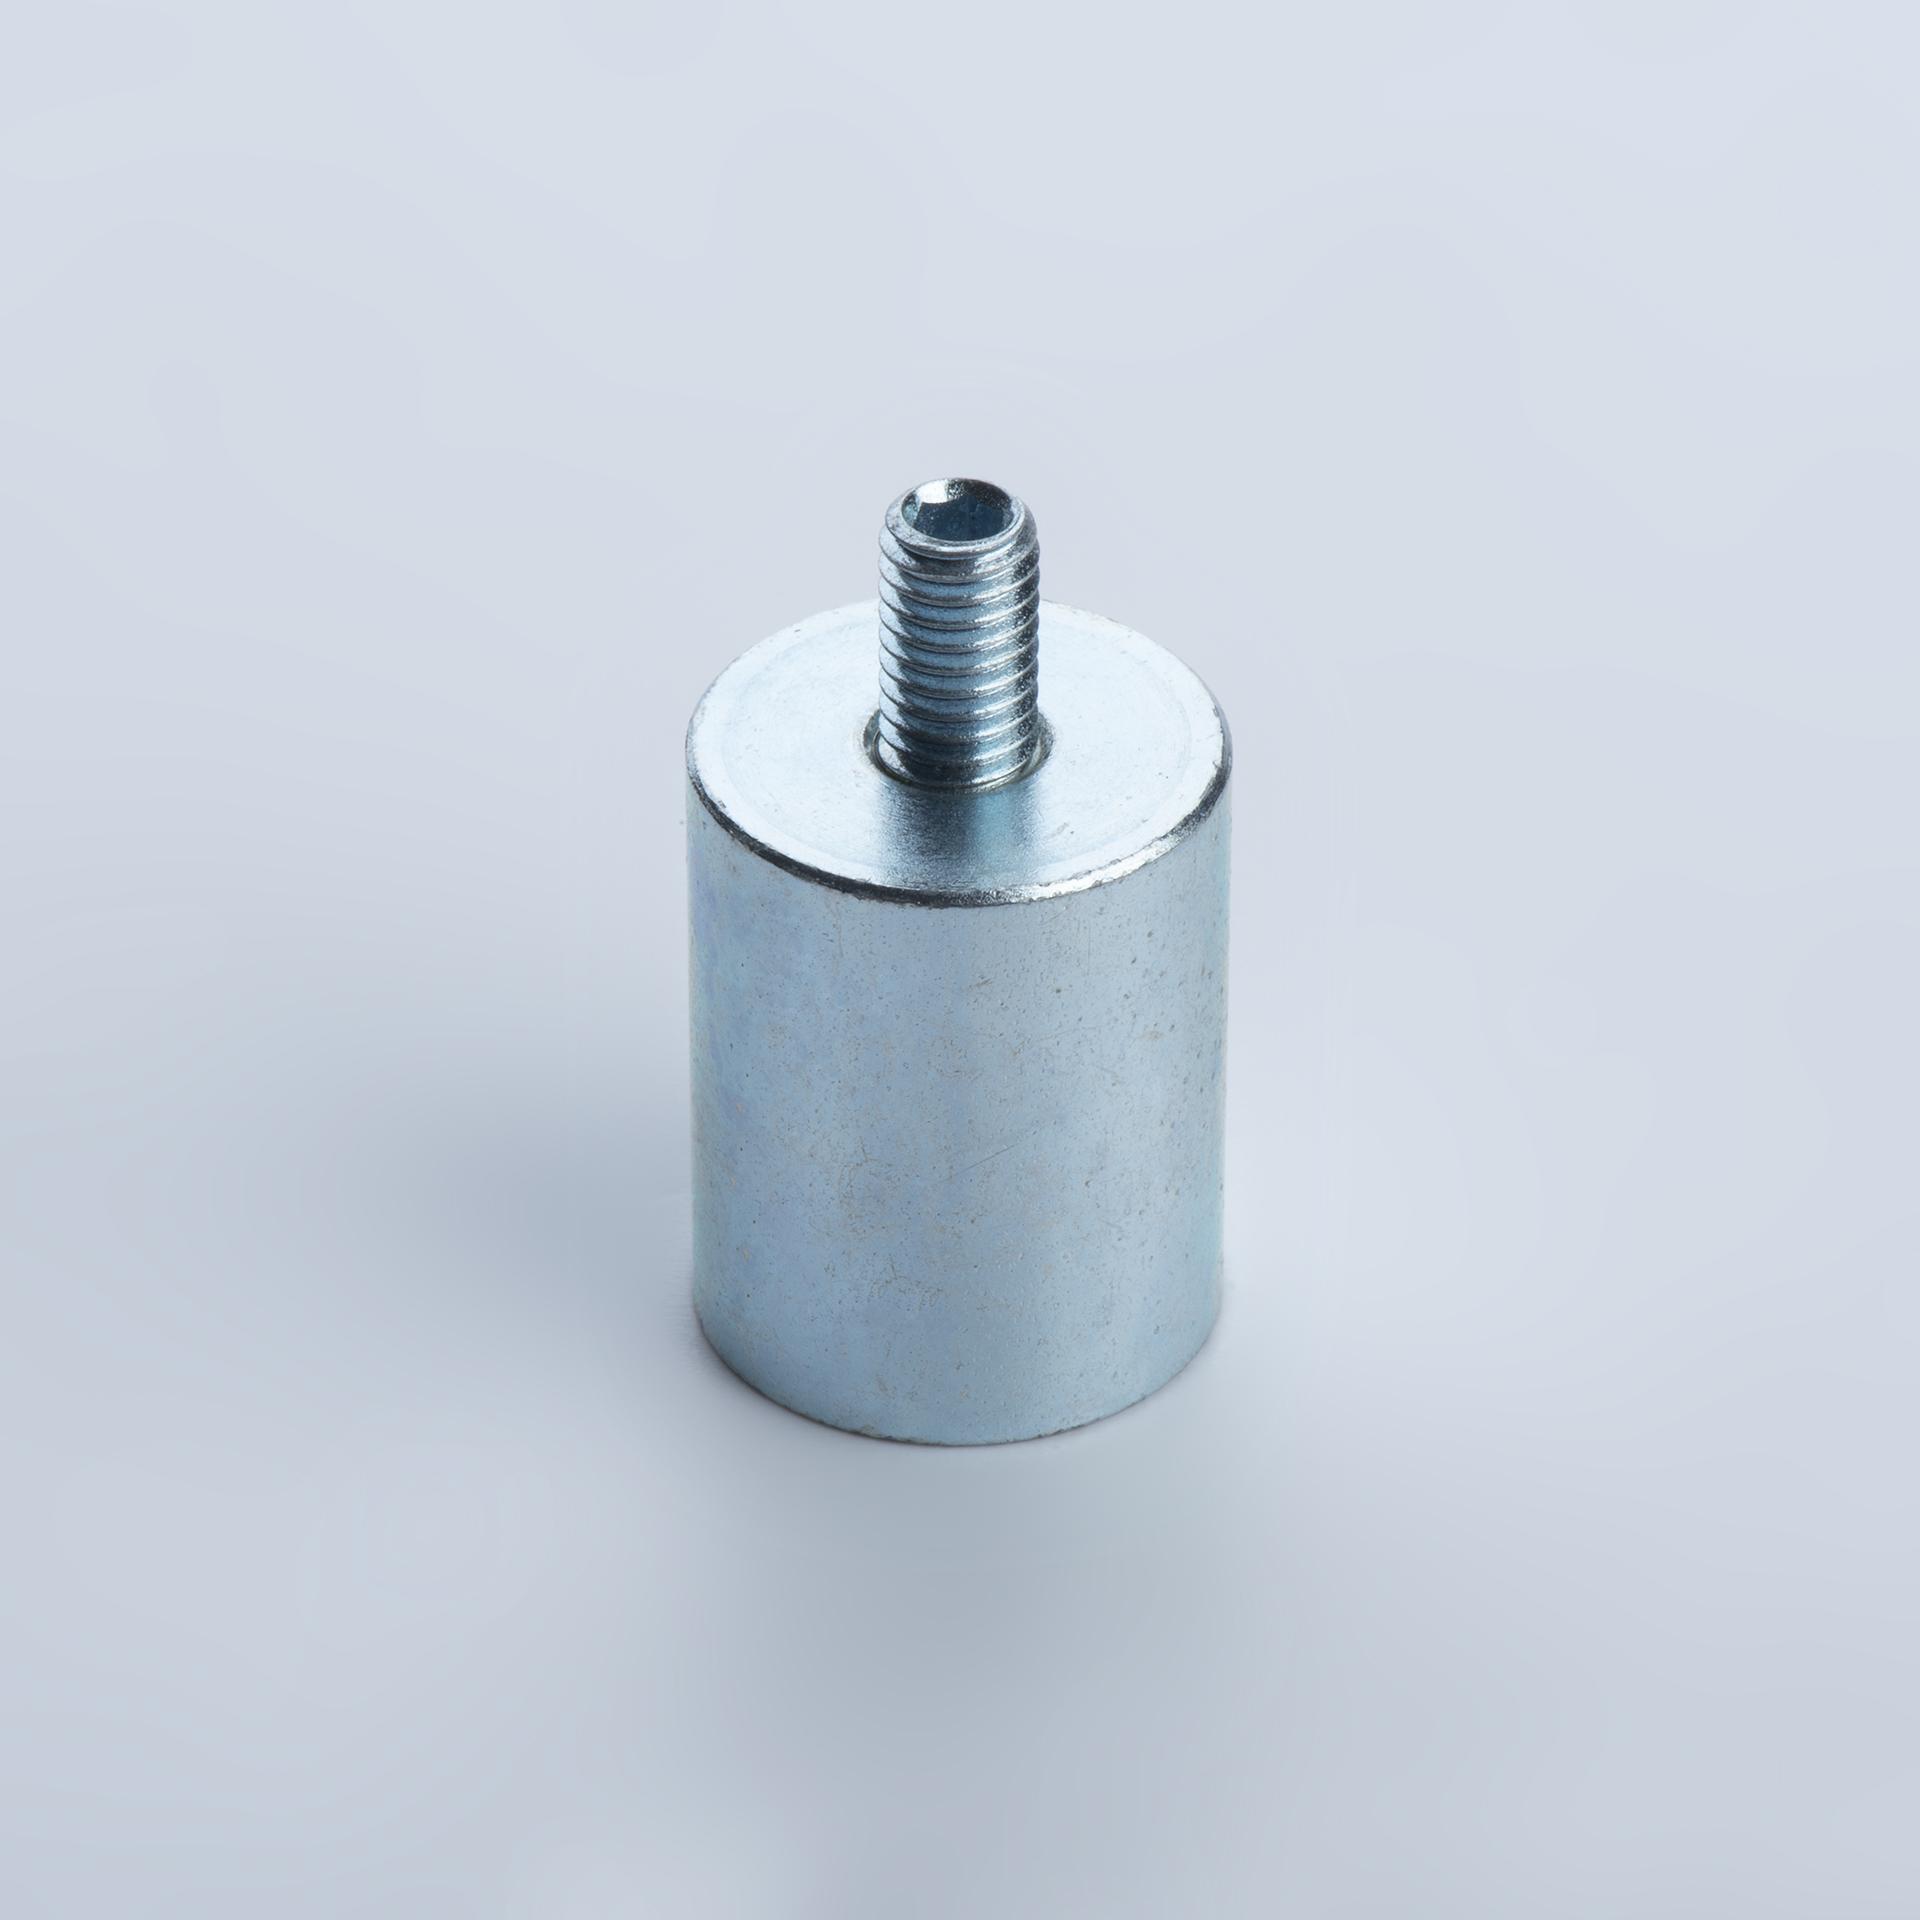 Stabgreifer aus Neodym, Stahlgehäuse mit Außengewinde, verzinkt, thyssenkrupp Magnettechnik